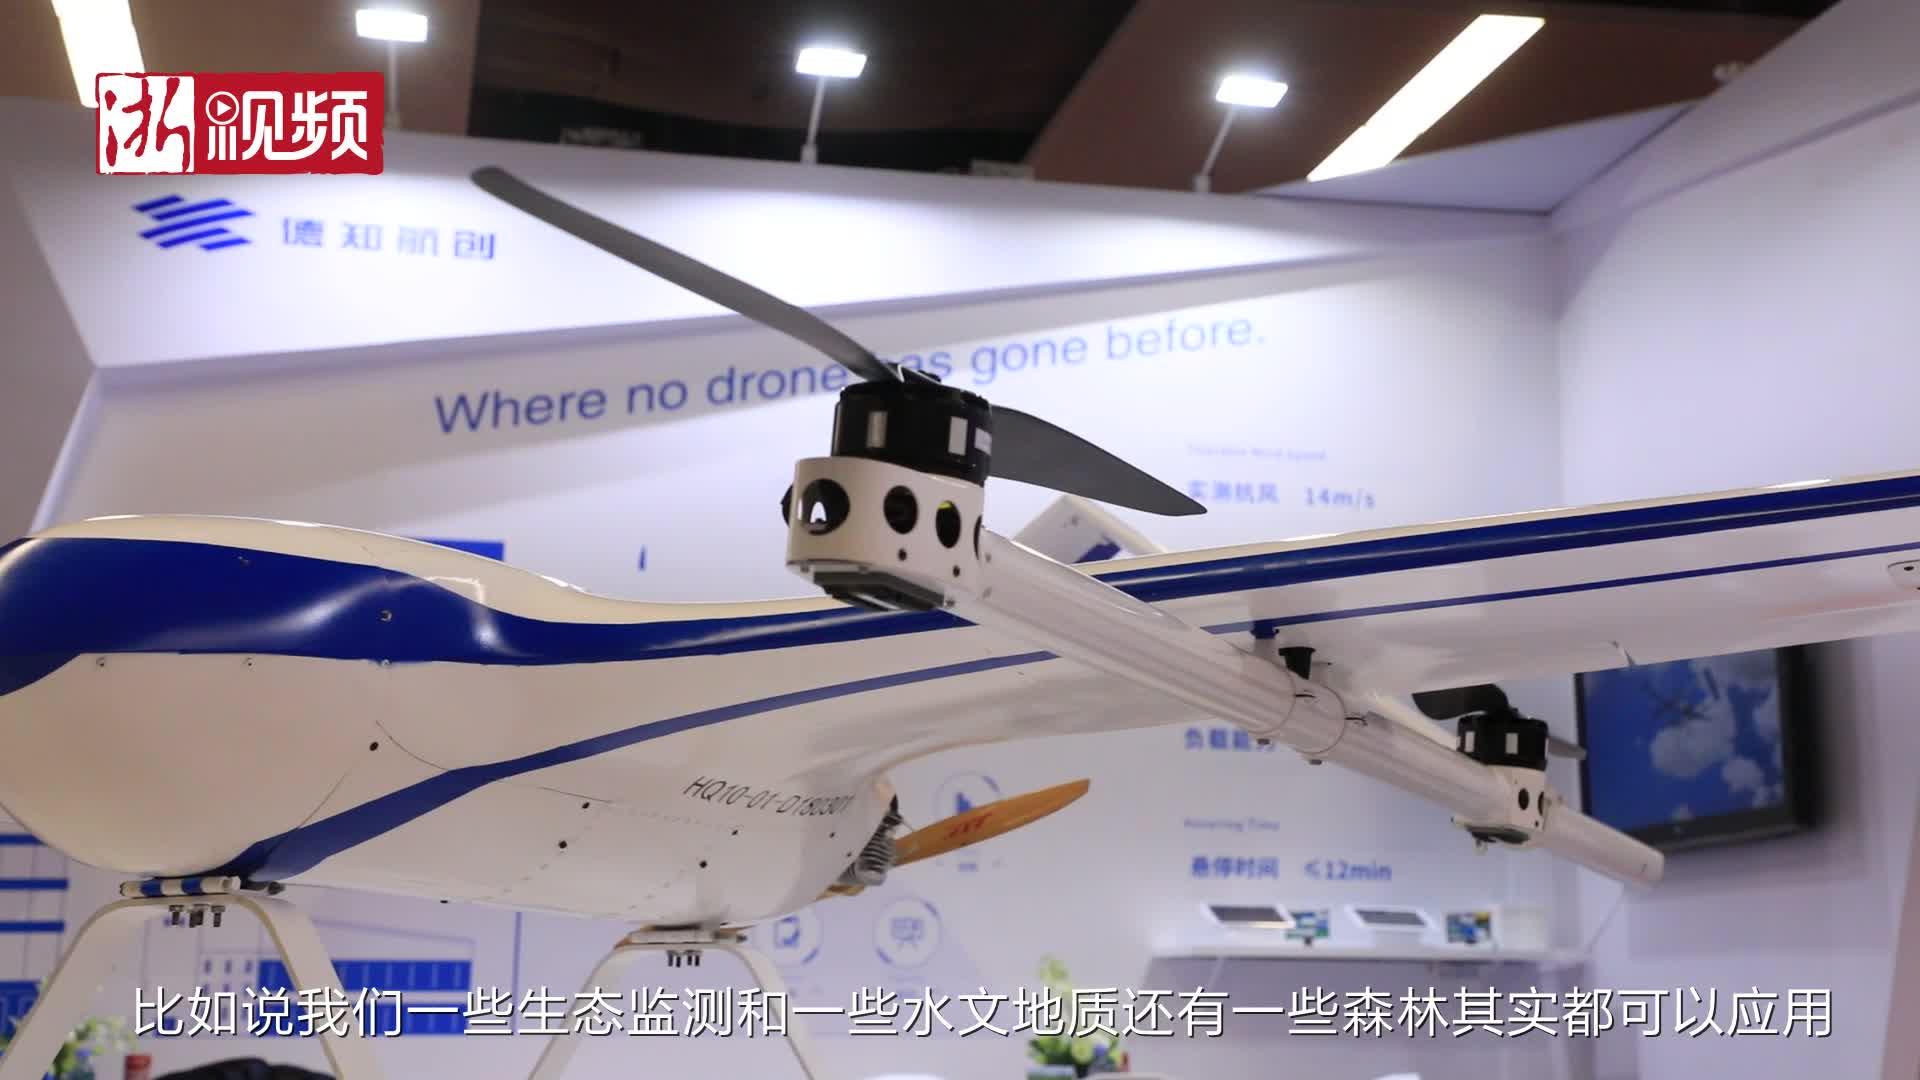 尖端科技云集 世界地理信息大会技术与应用展览开幕